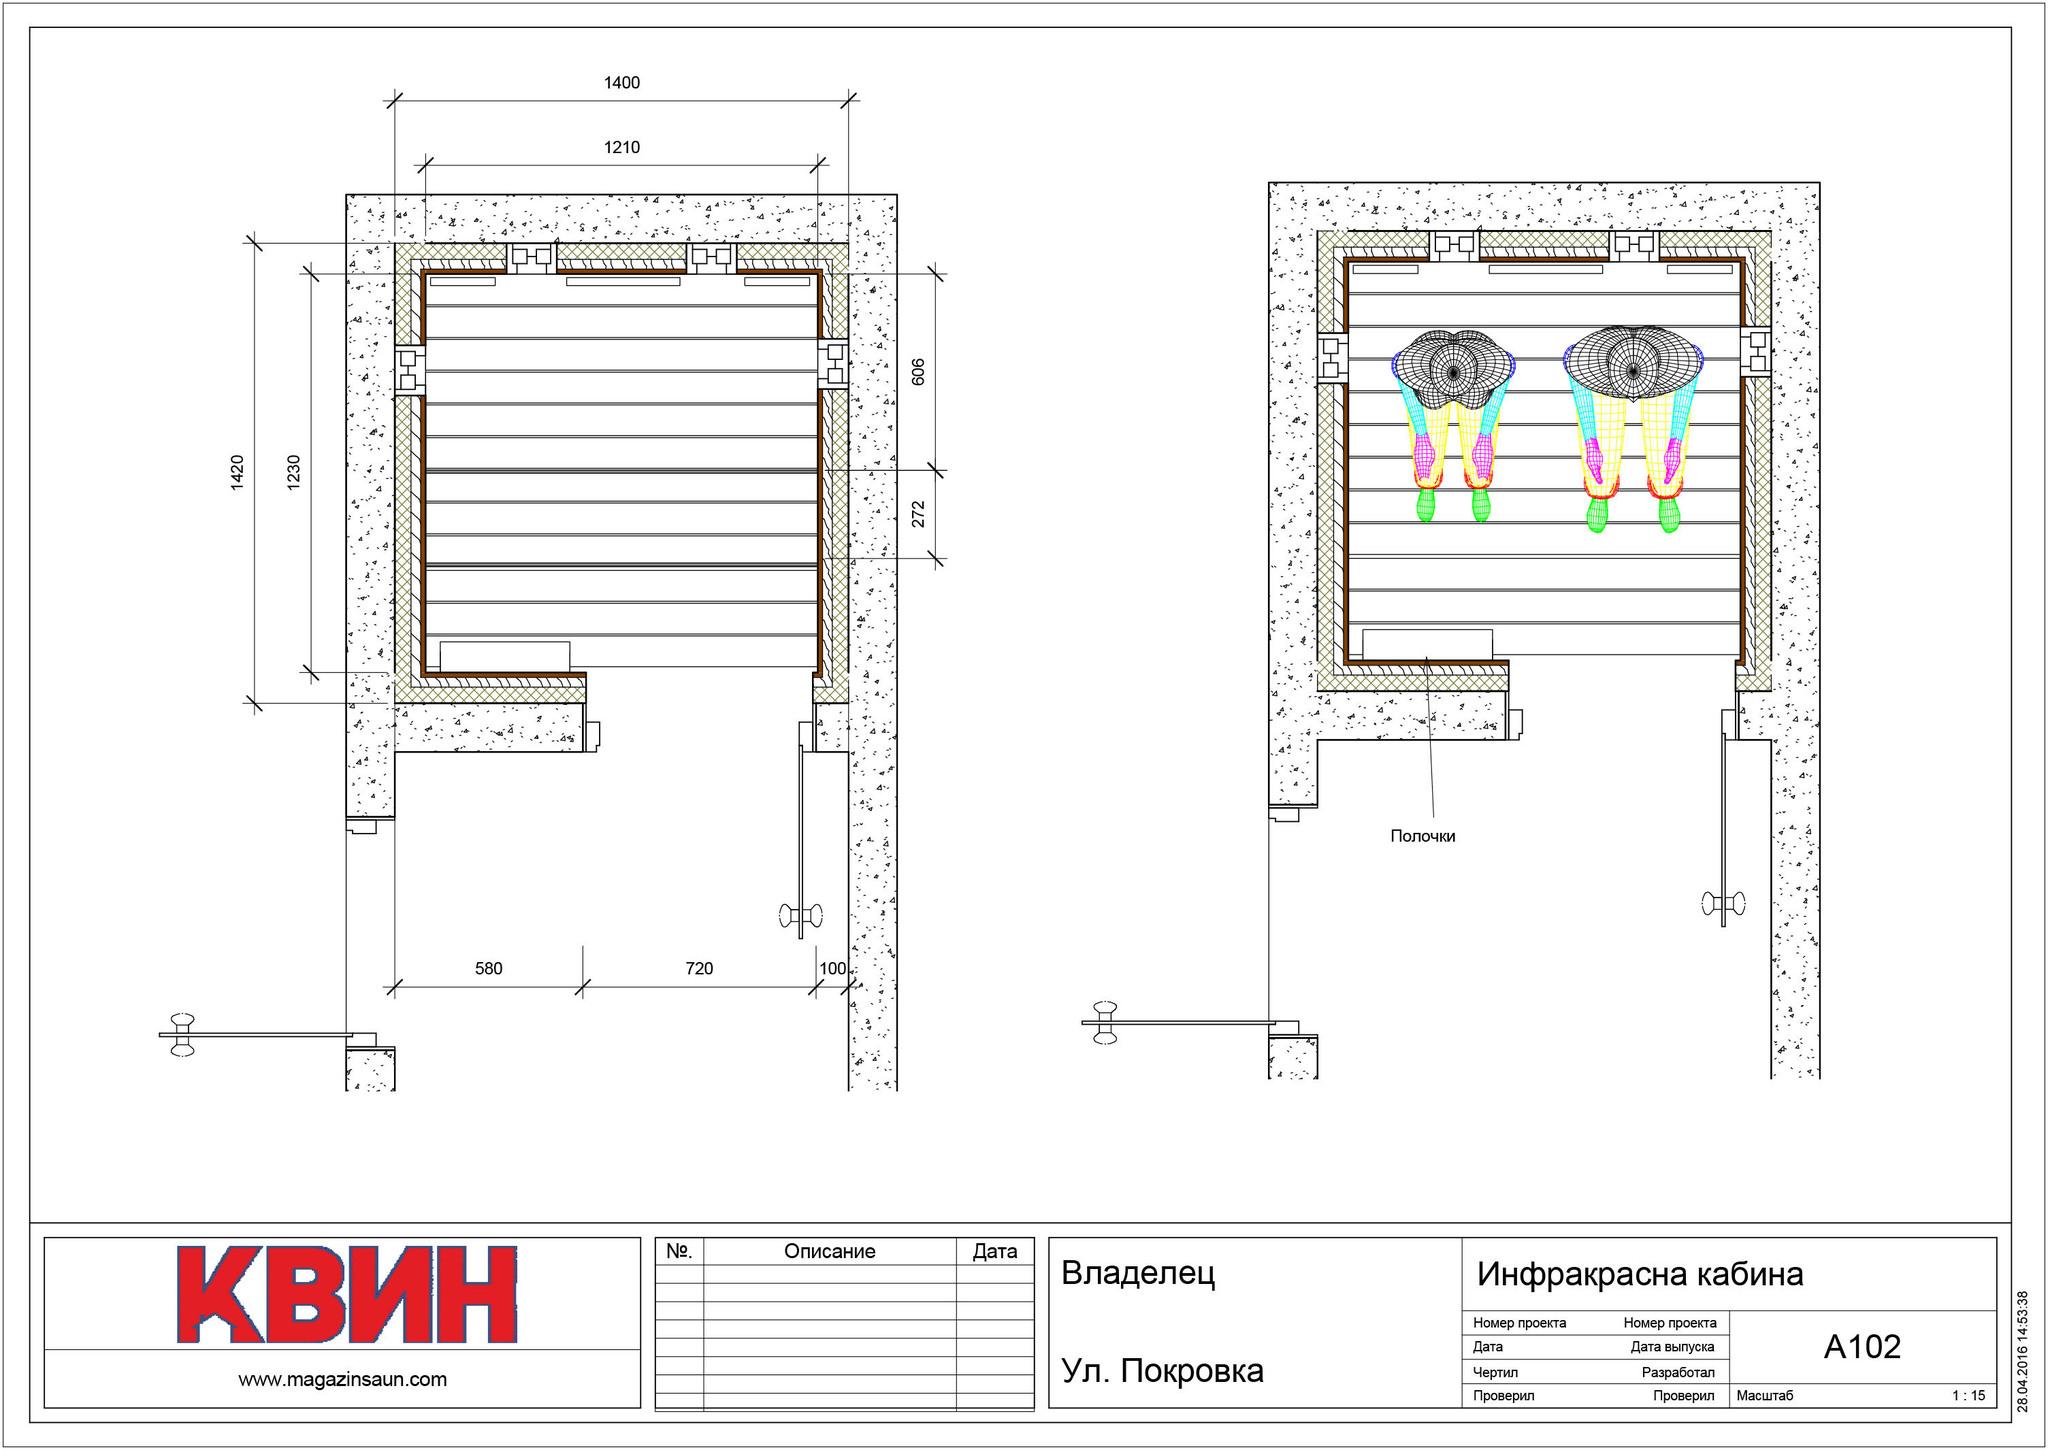 Проект инфракрасная кабина 1,4х1,4 материал: все липа, фото 2